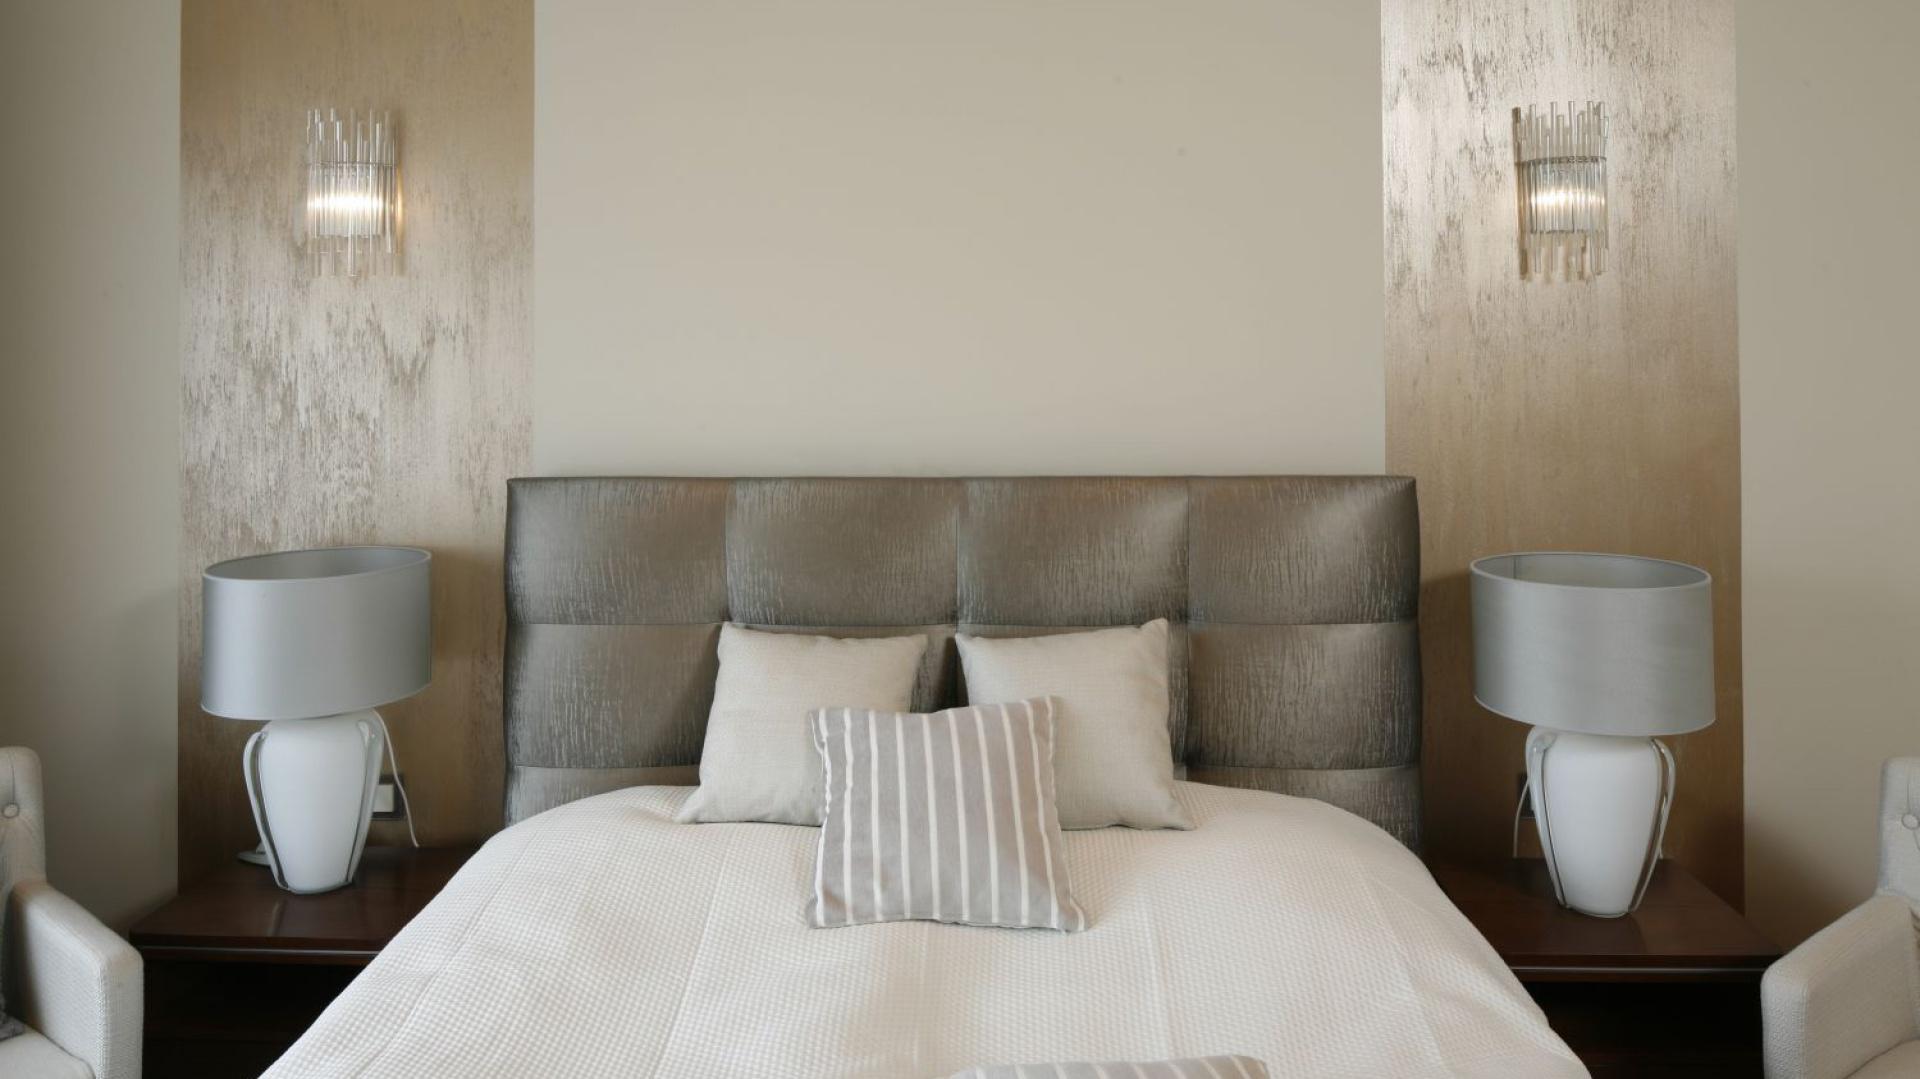 Elegancką sypialnię urządzono w stonowanych beżach i brązach. Ścianę nad łóżkiem udekorowano farbę oraz złotym stukiem. Projekt: Kinga Śliwa. Fot. Bartosz Jarosz.